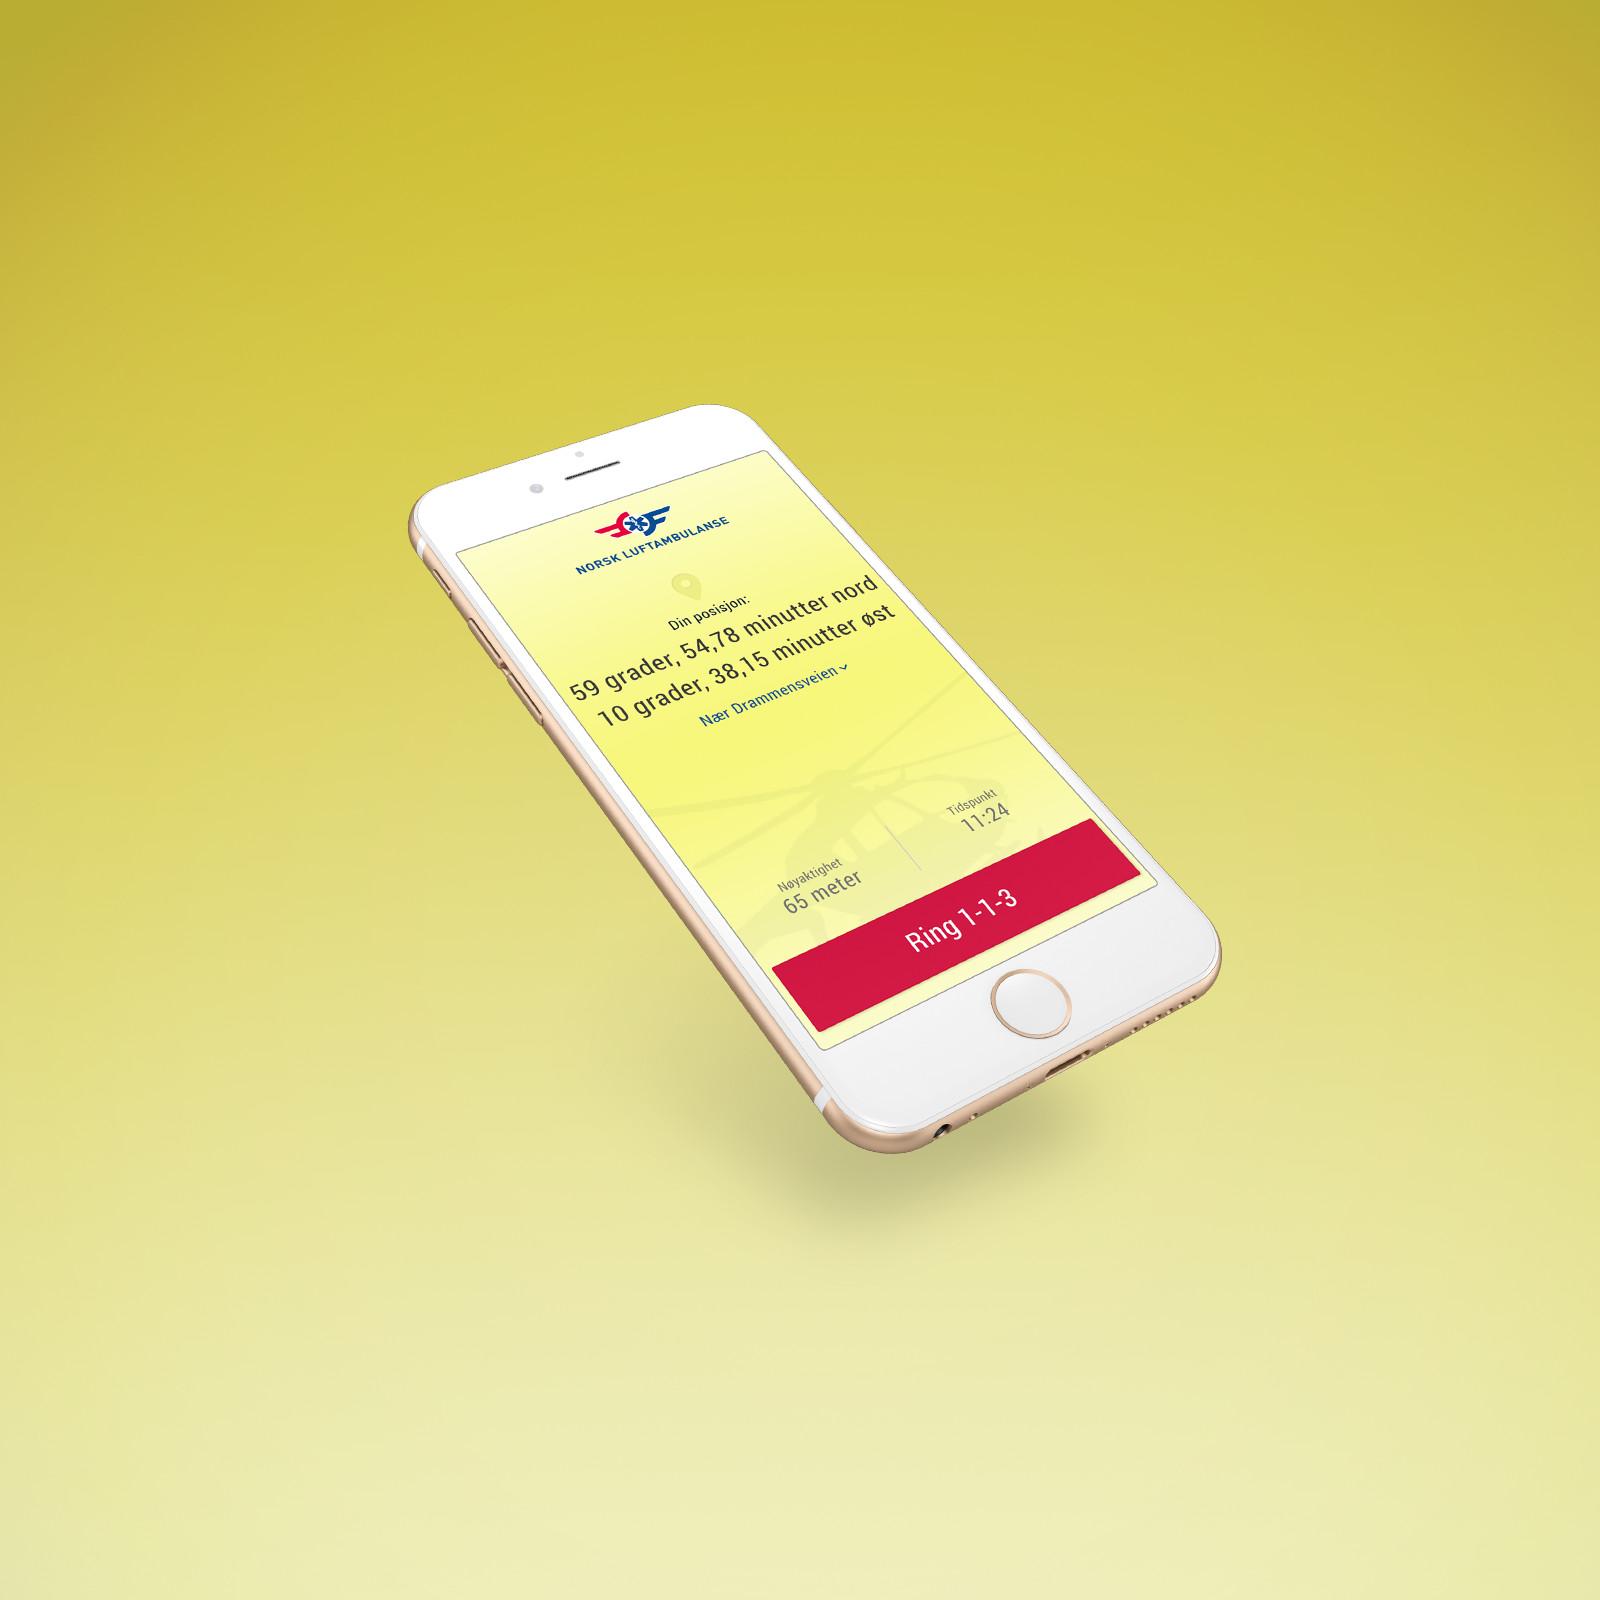 Hjelp 113 app